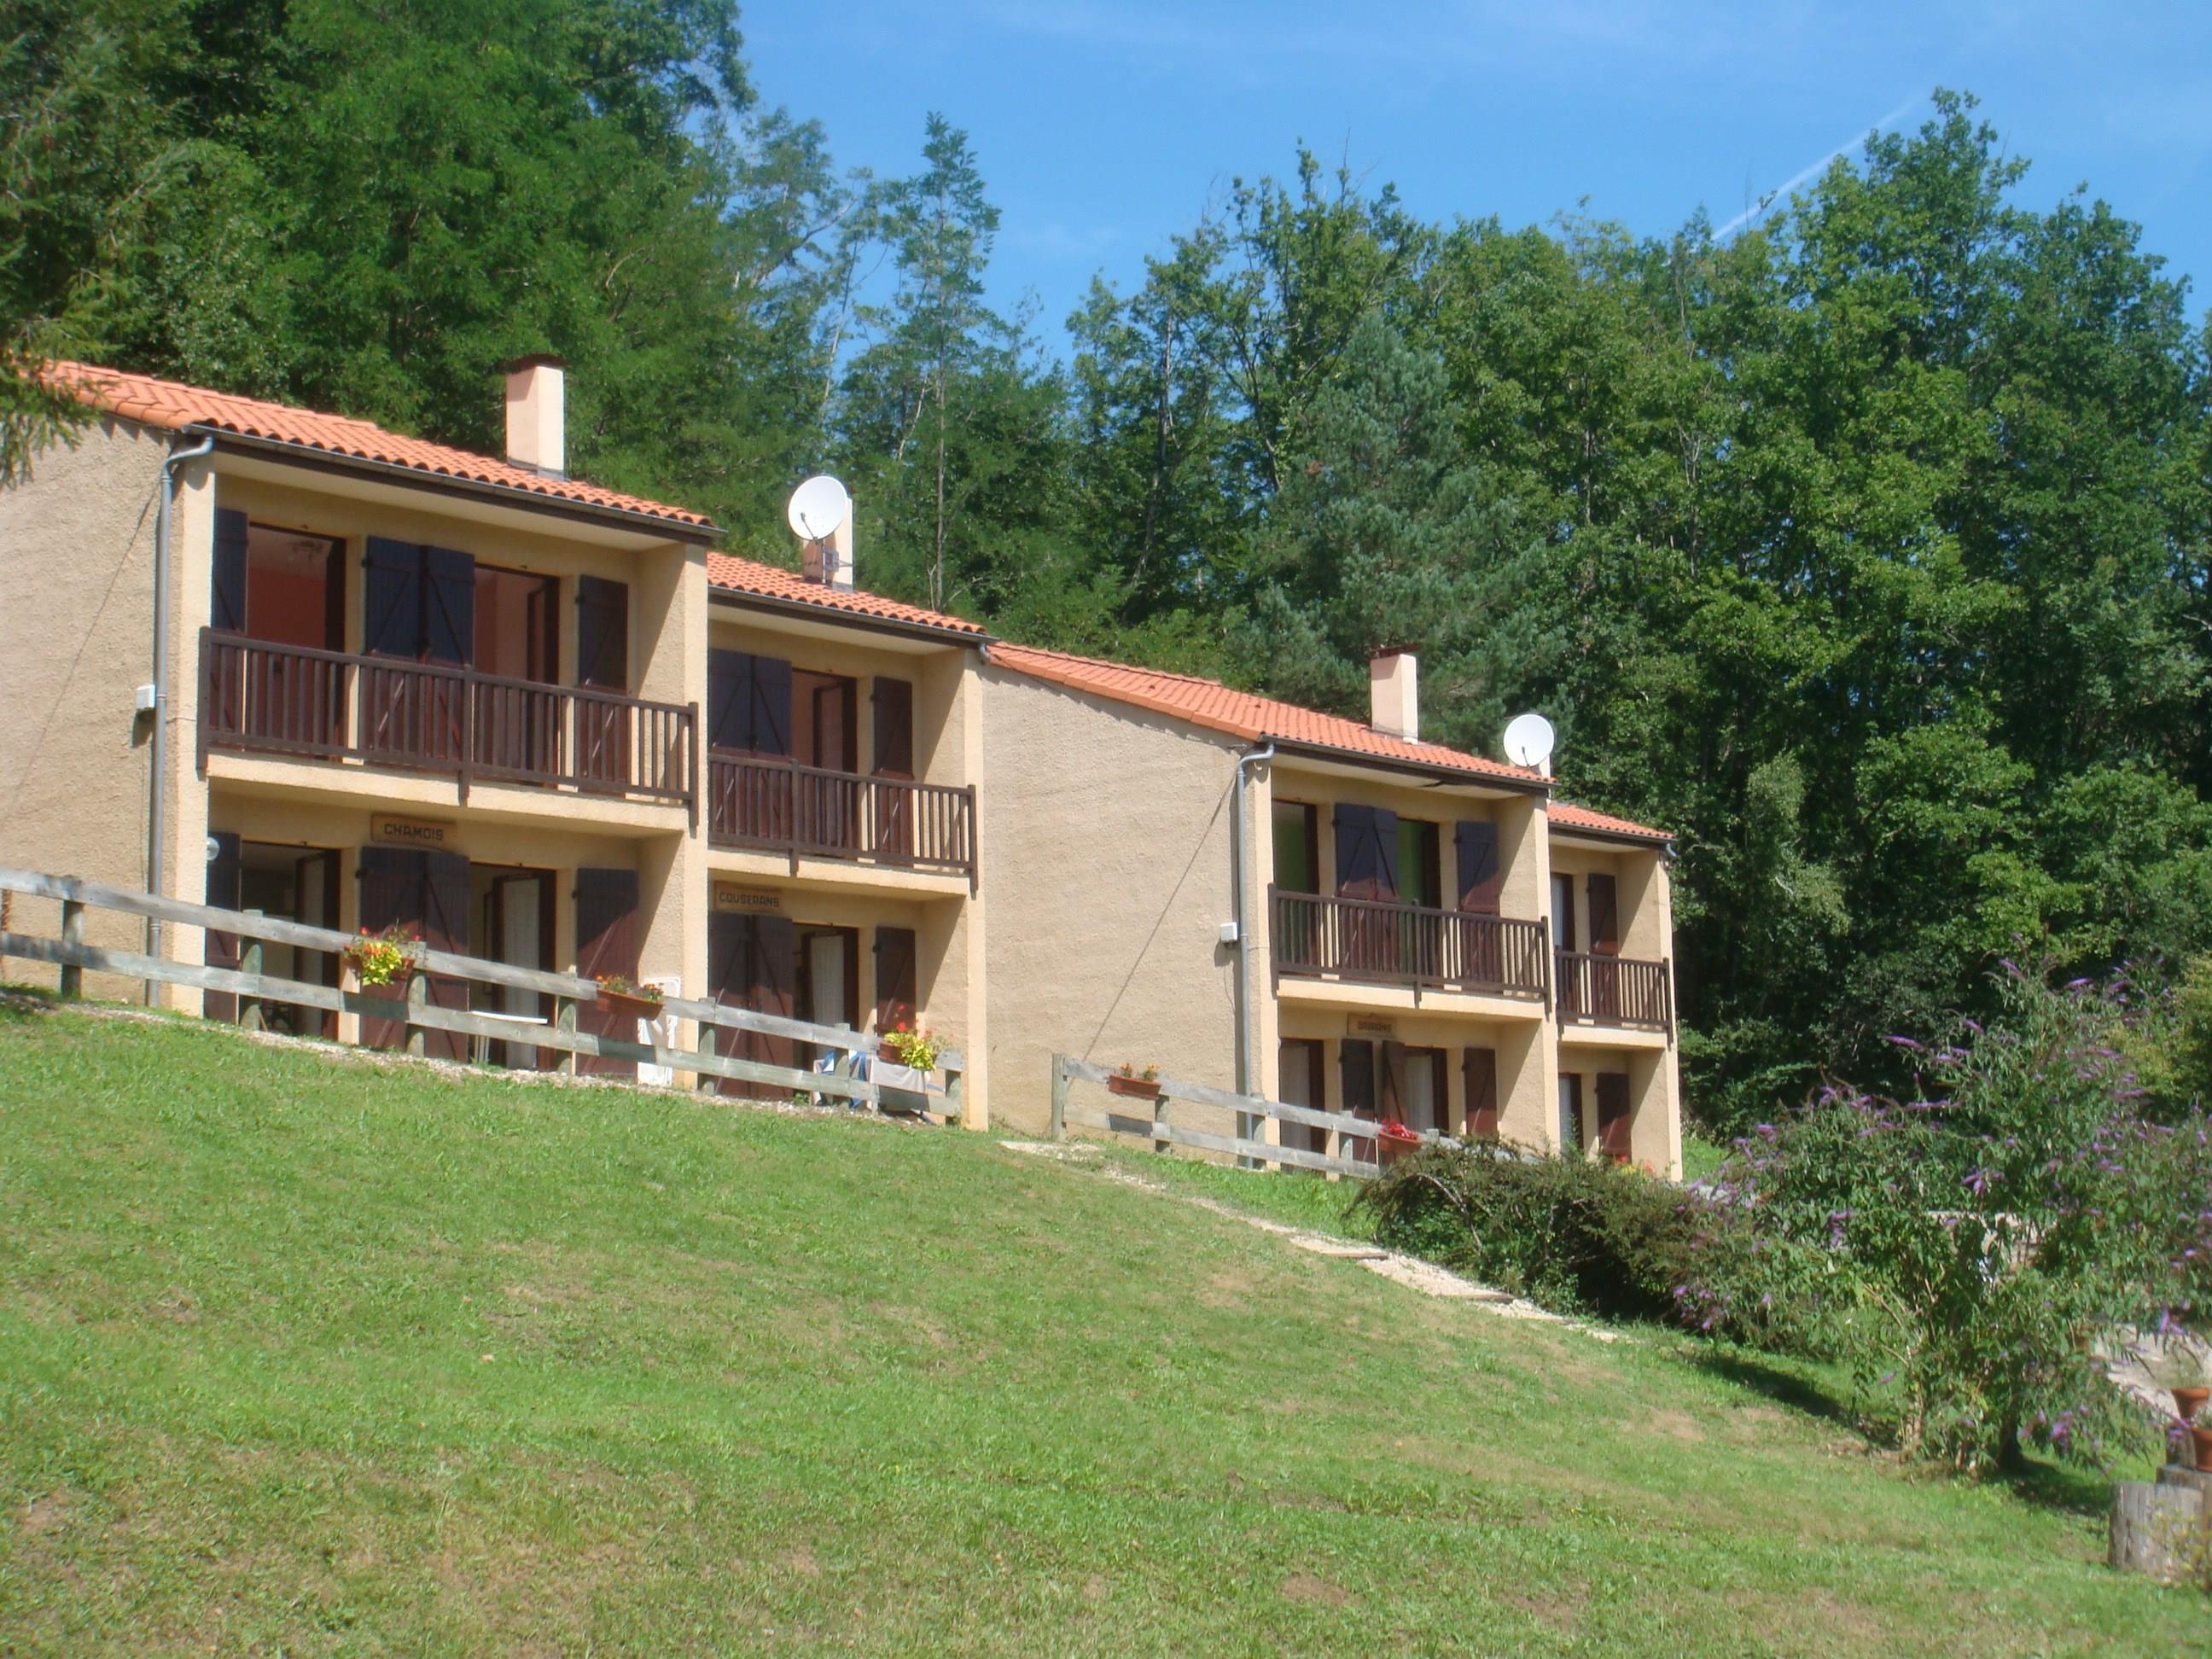 Camping Au Songe du Valier, Seix, Ariège